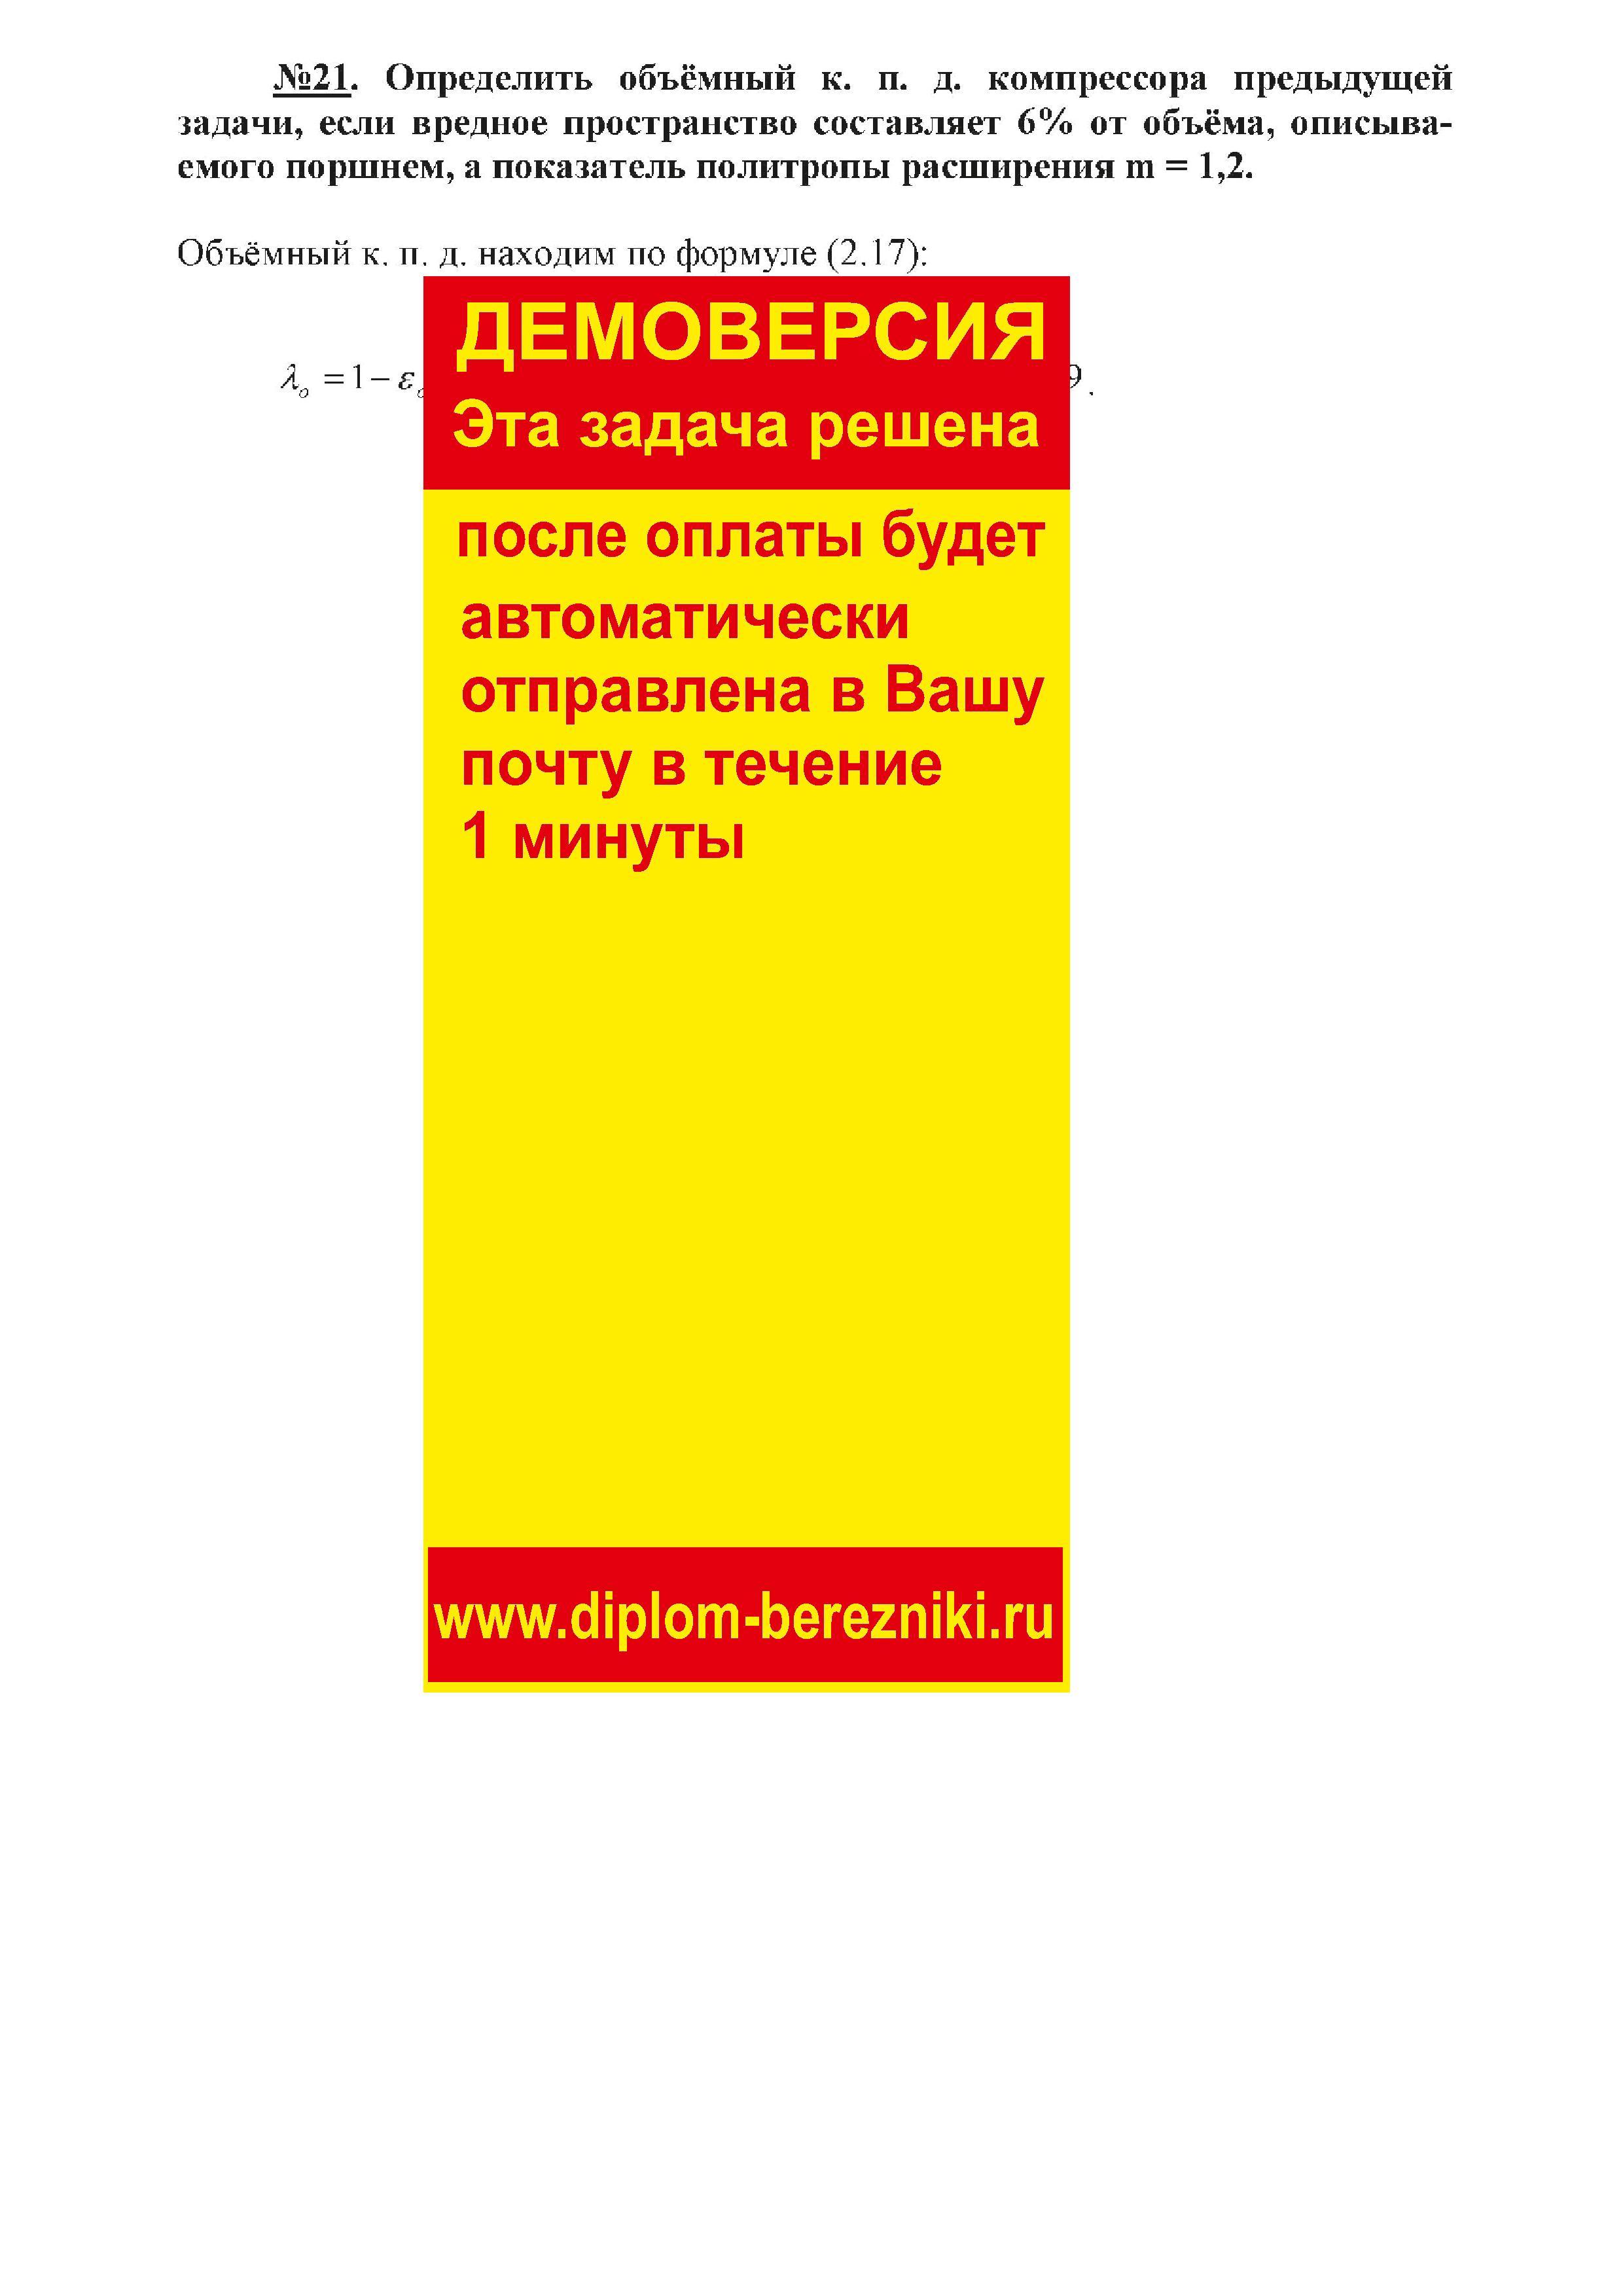 Решение задачи 2.21 по ПАХТ из задачника Павлова Романкова Носкова